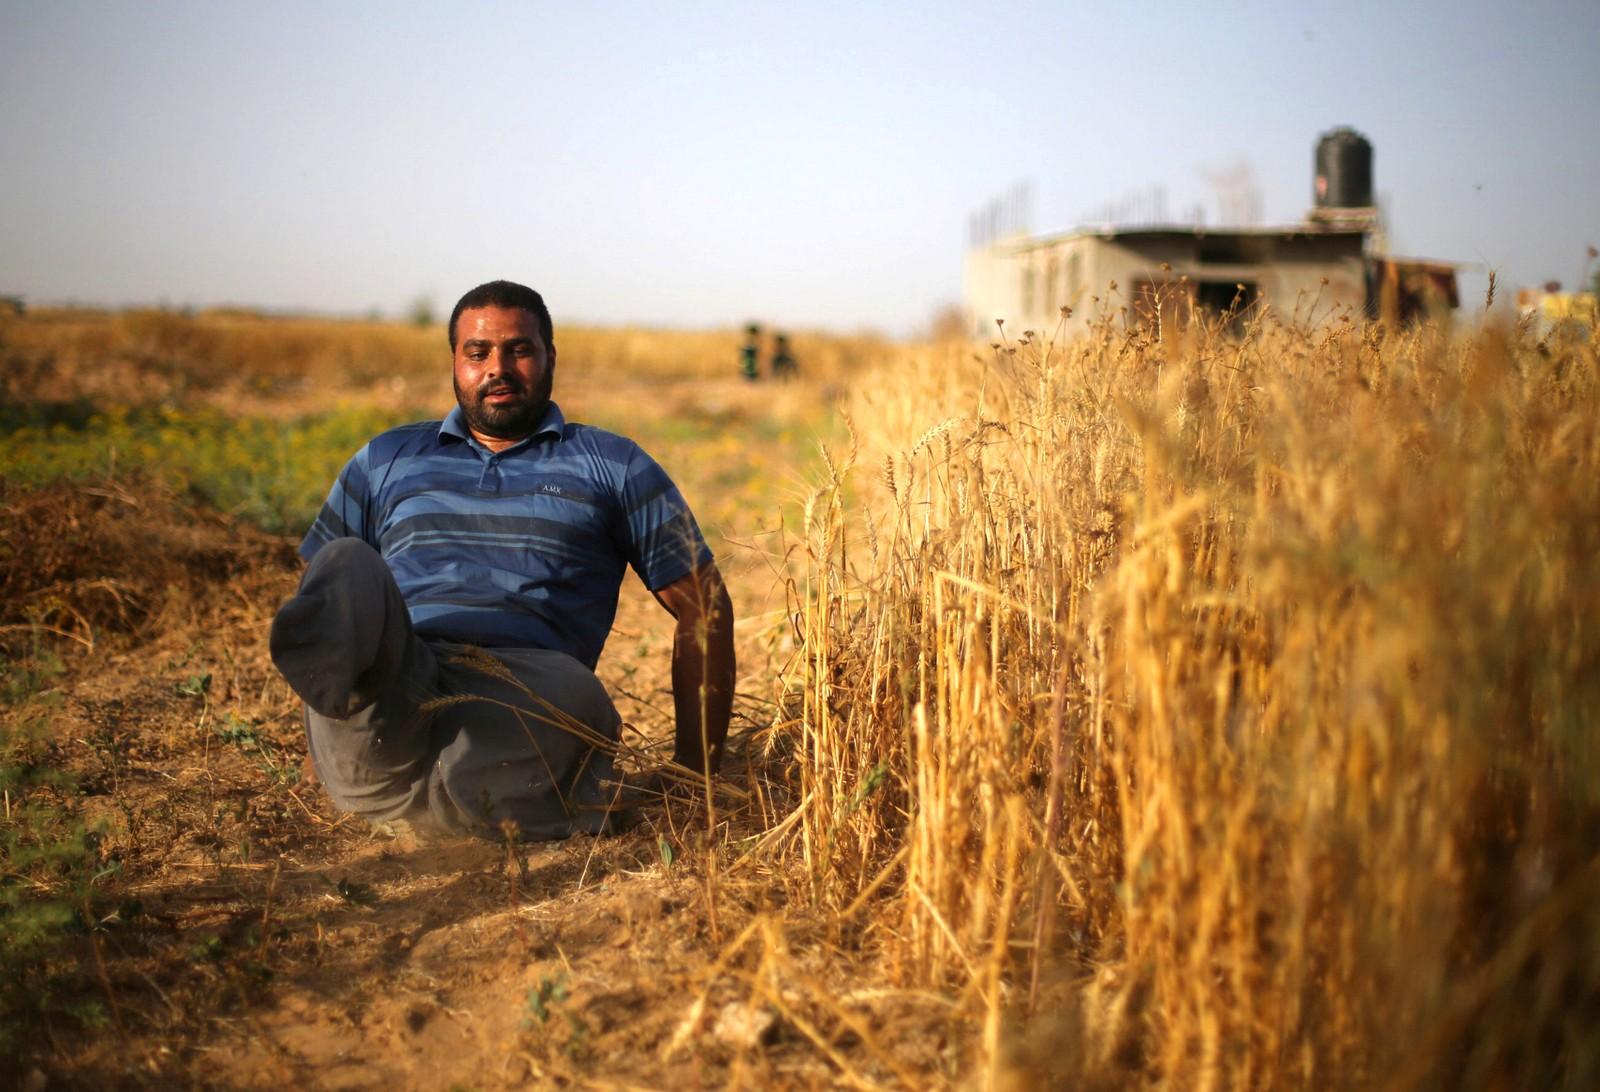 Palestinske Louy Al-Najar drar seg selv langs bakken mens han høster hvete på en åker i Khan Yonis, ved grensen til Israel. Han mistet beina for ni år siden da en israelsk missil eksploderte idet han var i ferd med å hjelpe skadde naboer under et oppgjør mellom israelske soldater og militante palestinere i Gaza.